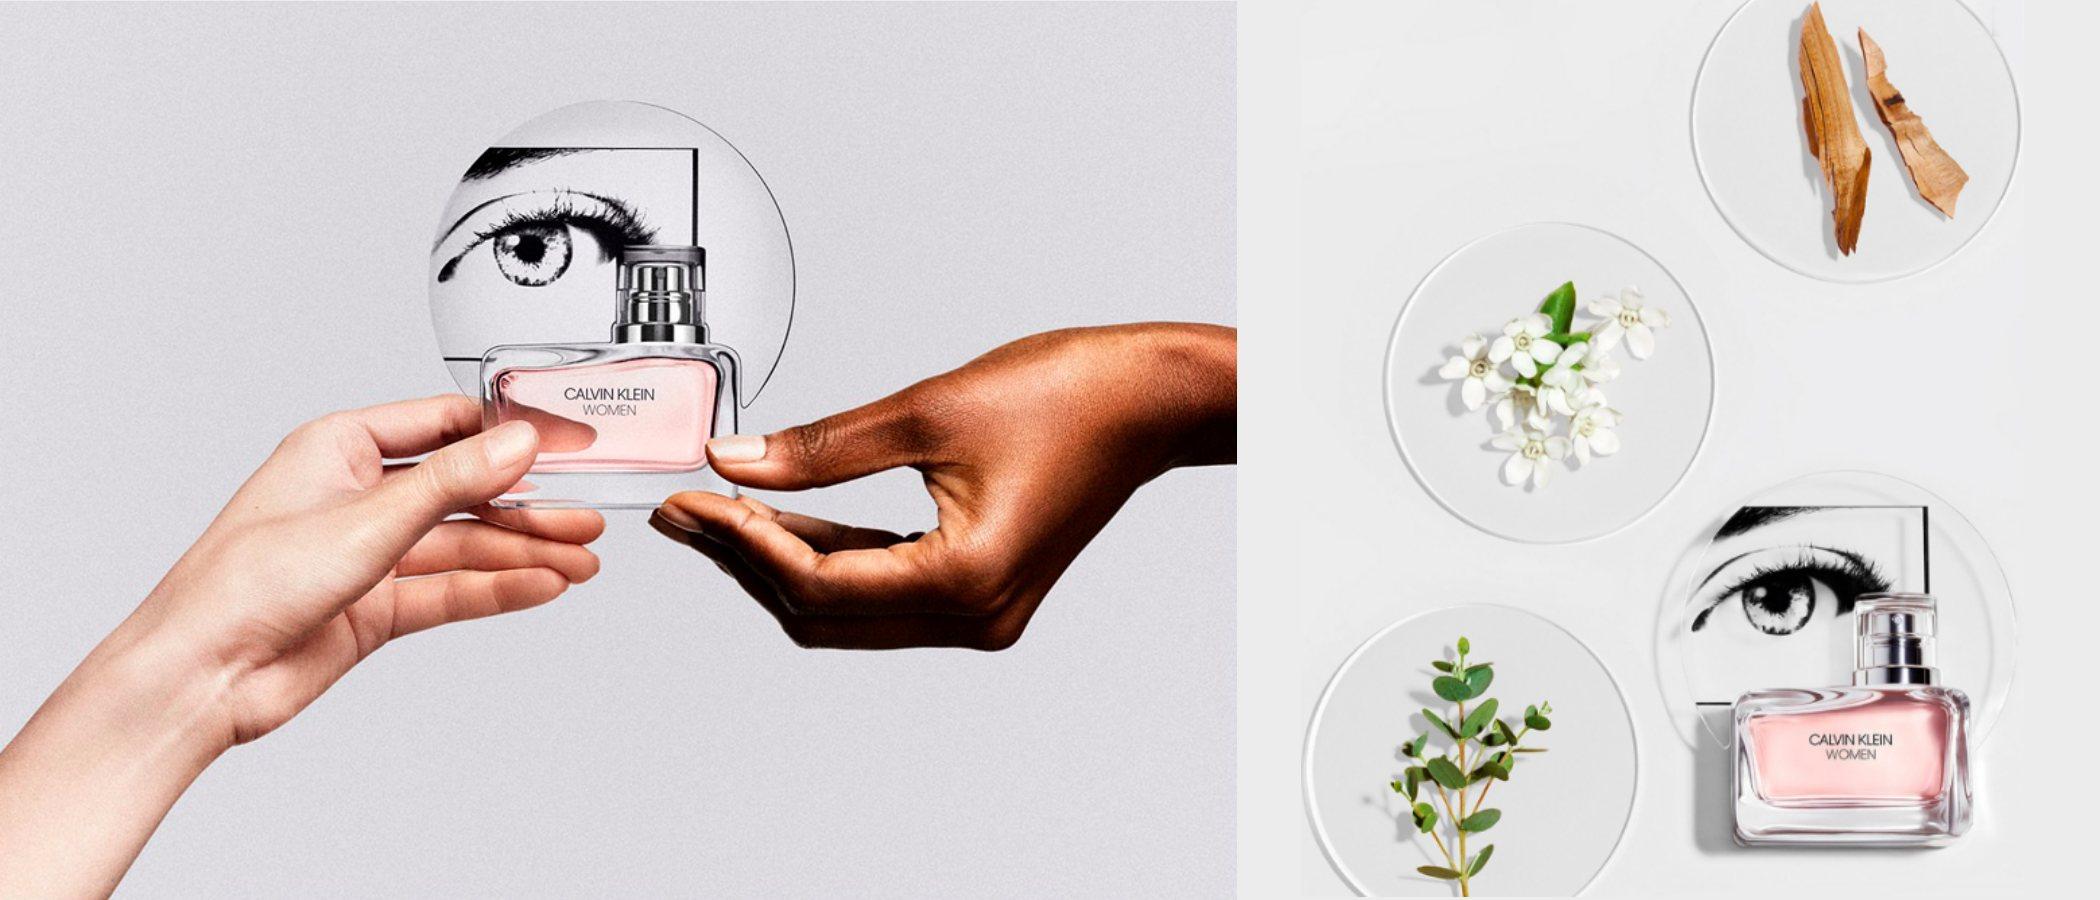 Lupita Nyong'o y Saoirse Ronan se convierten en las embajadoras de 'Women', la nueva fragancia de Calvin Klein